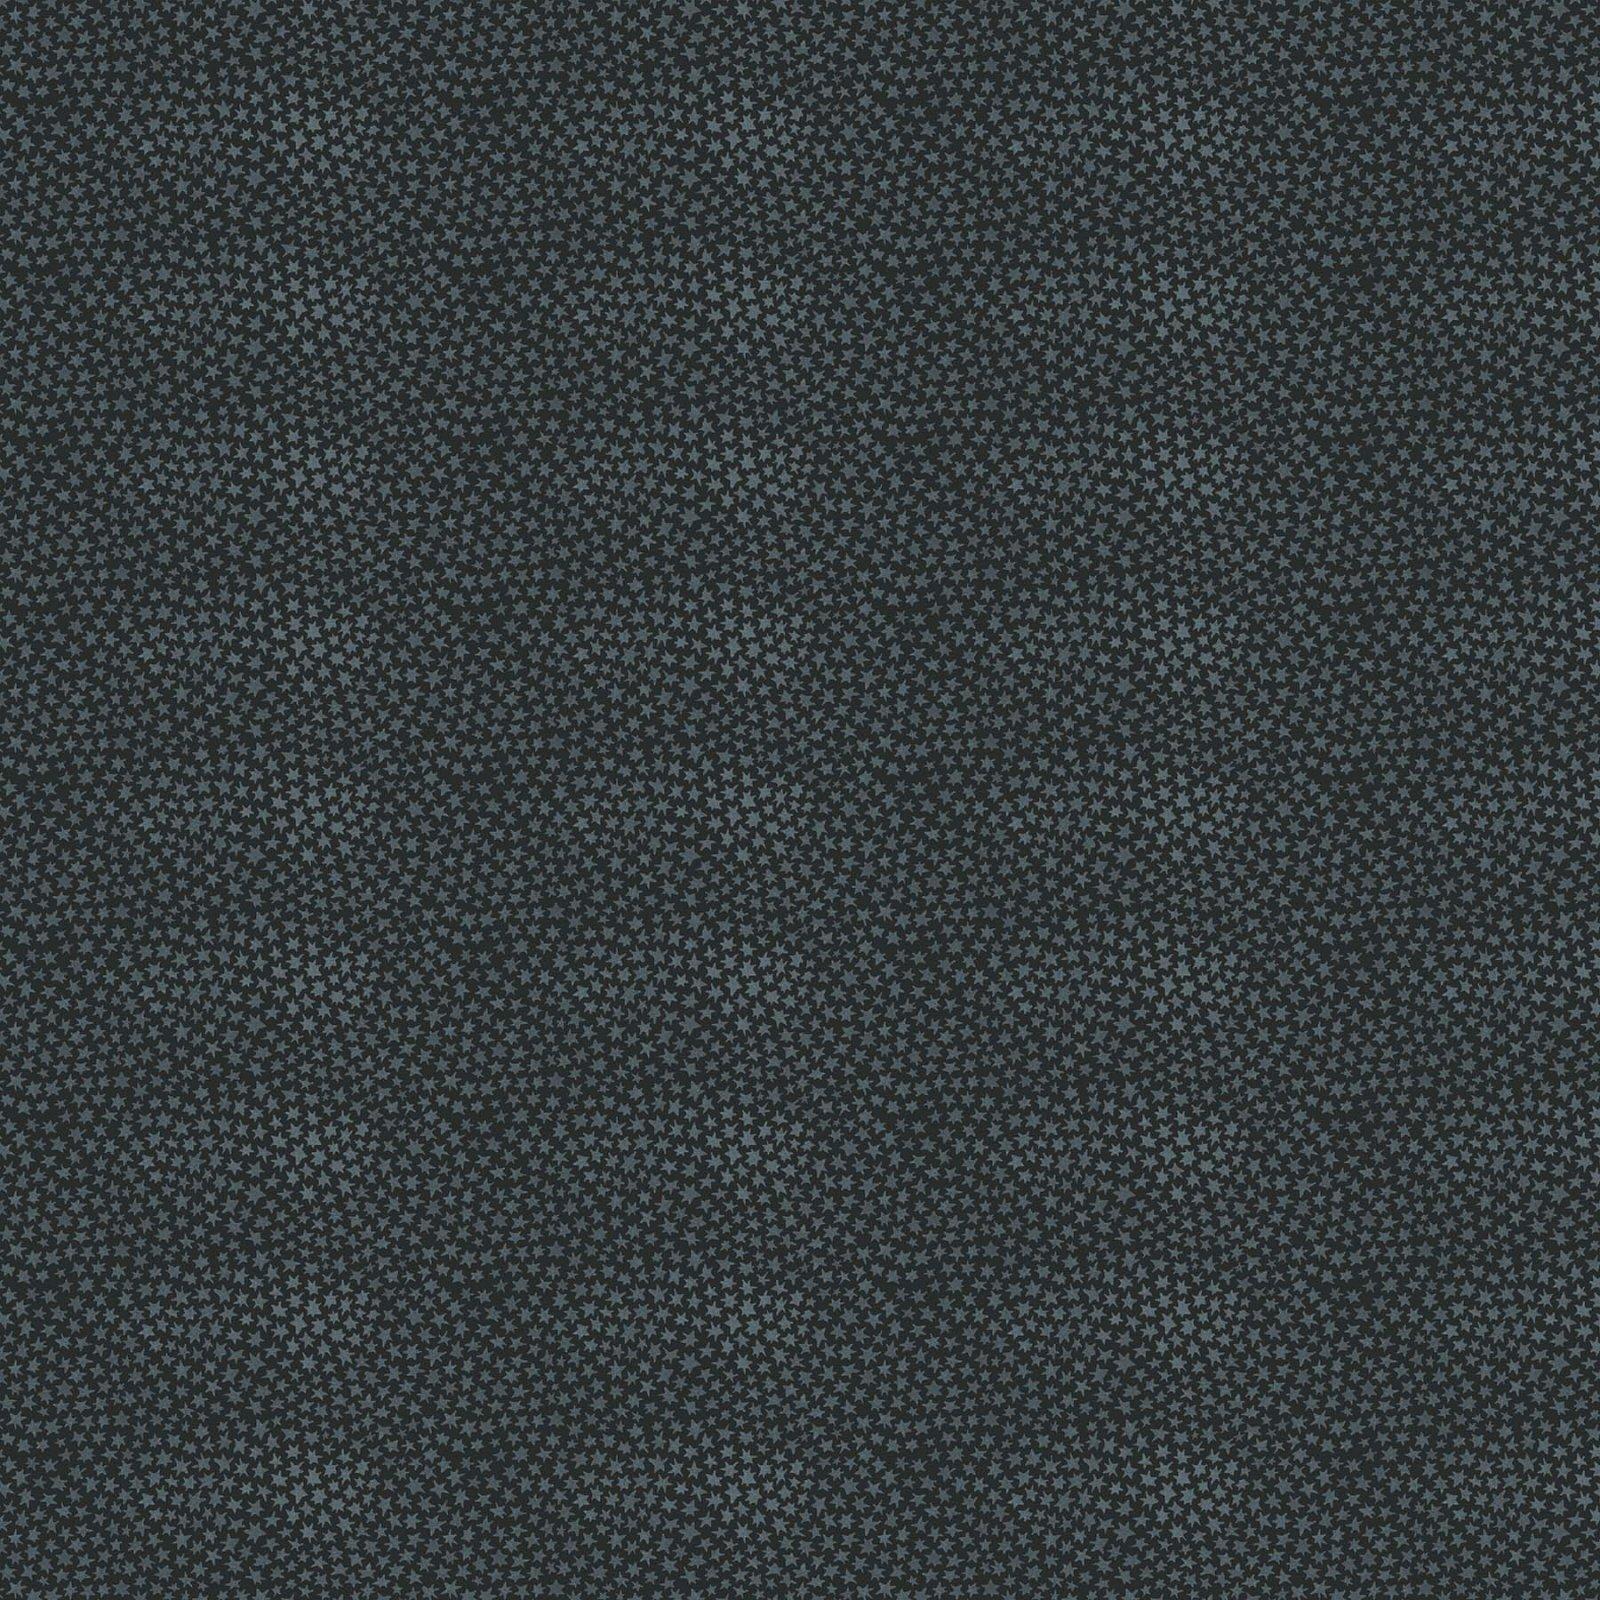 Winter Frost by Boccaccini Meadows for Figo Fabrics - Stars - Black